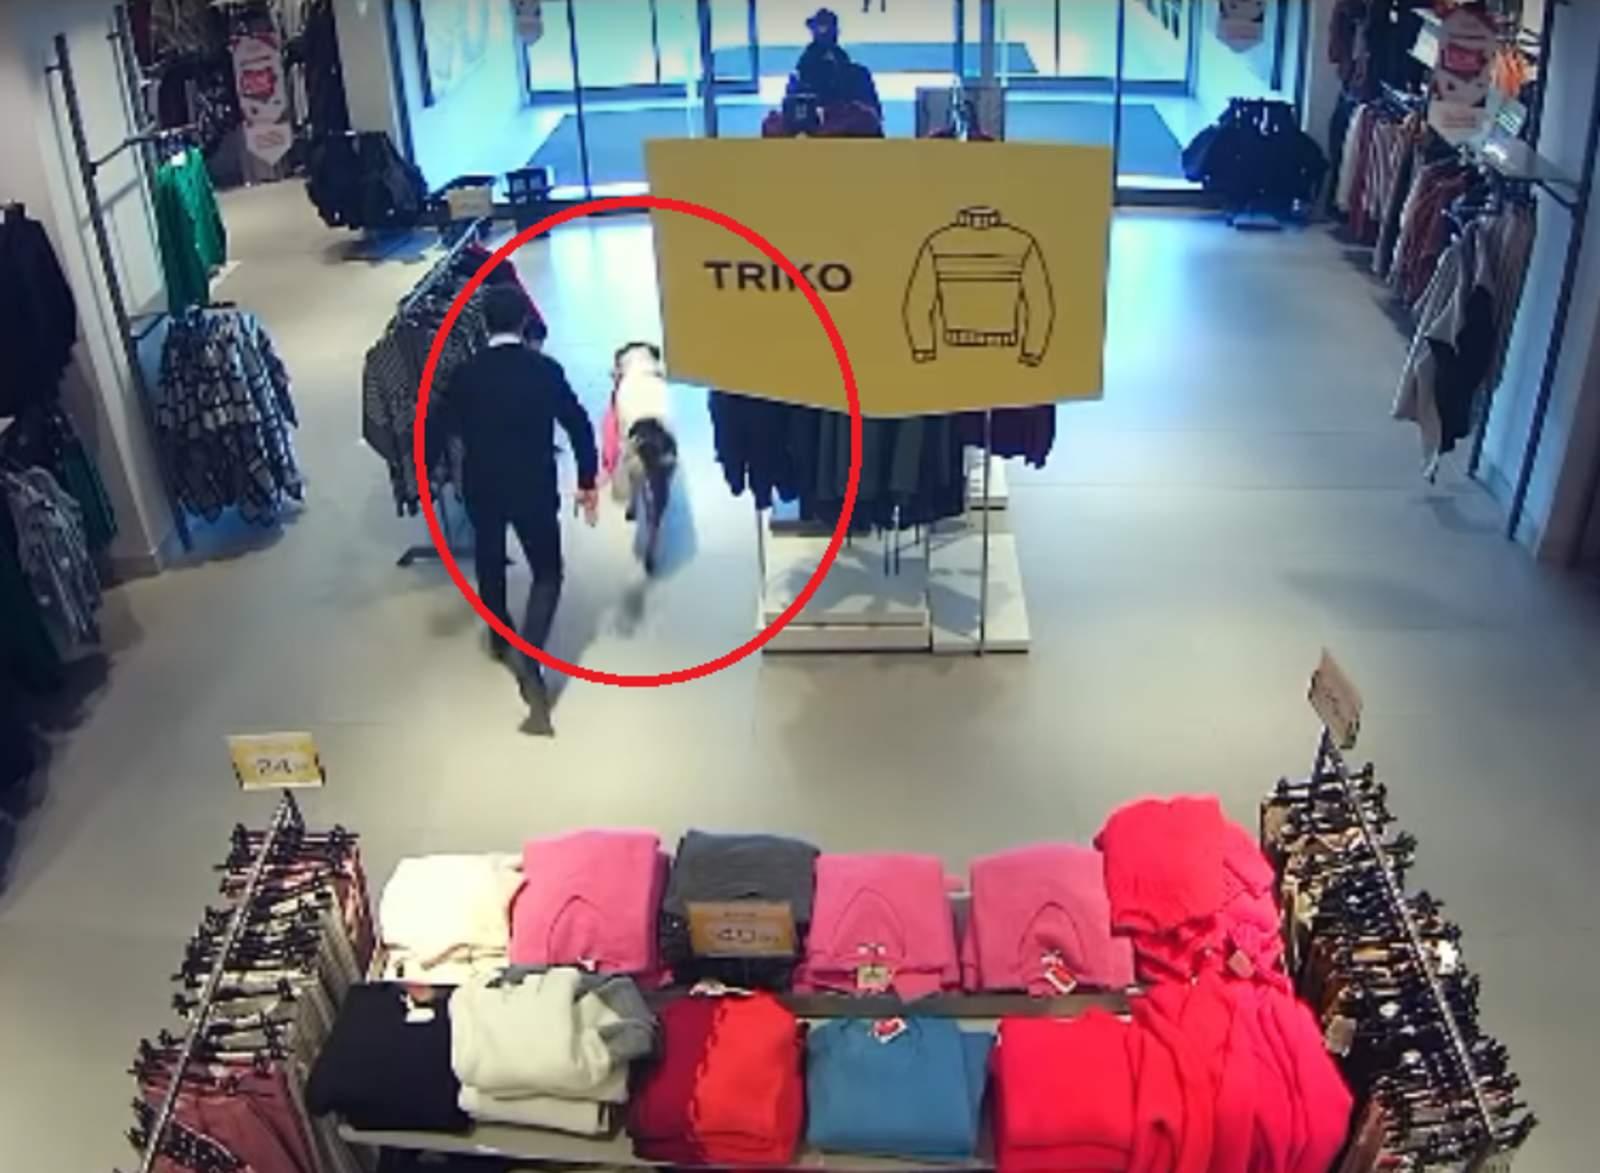 Perro callejero entra a un centro comercial a 'robar'